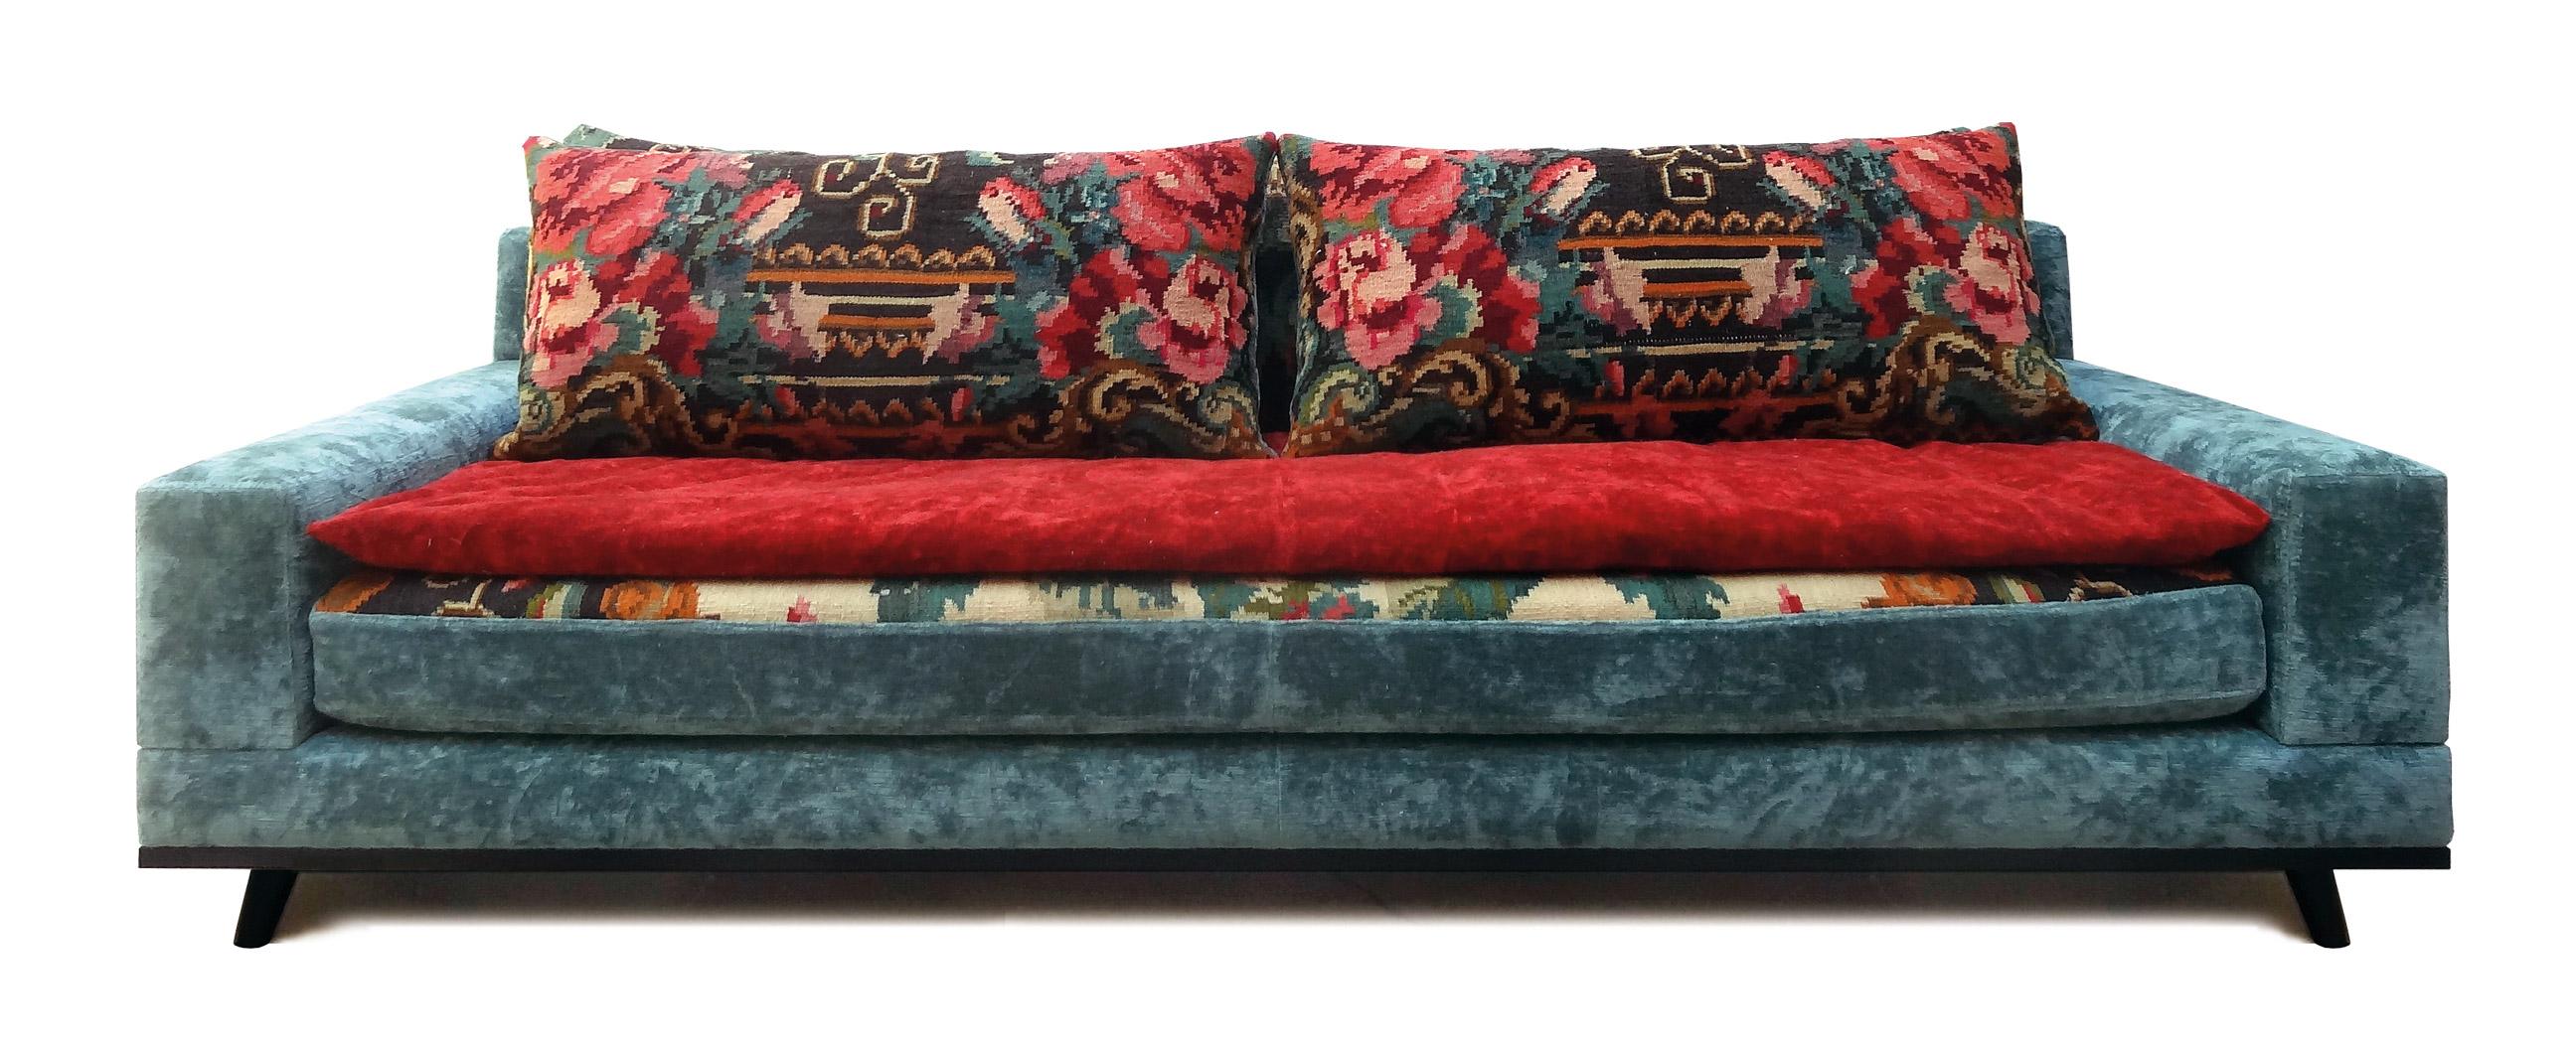 Canap mirleft par florence bourel - Le monde sauvage meubles ...